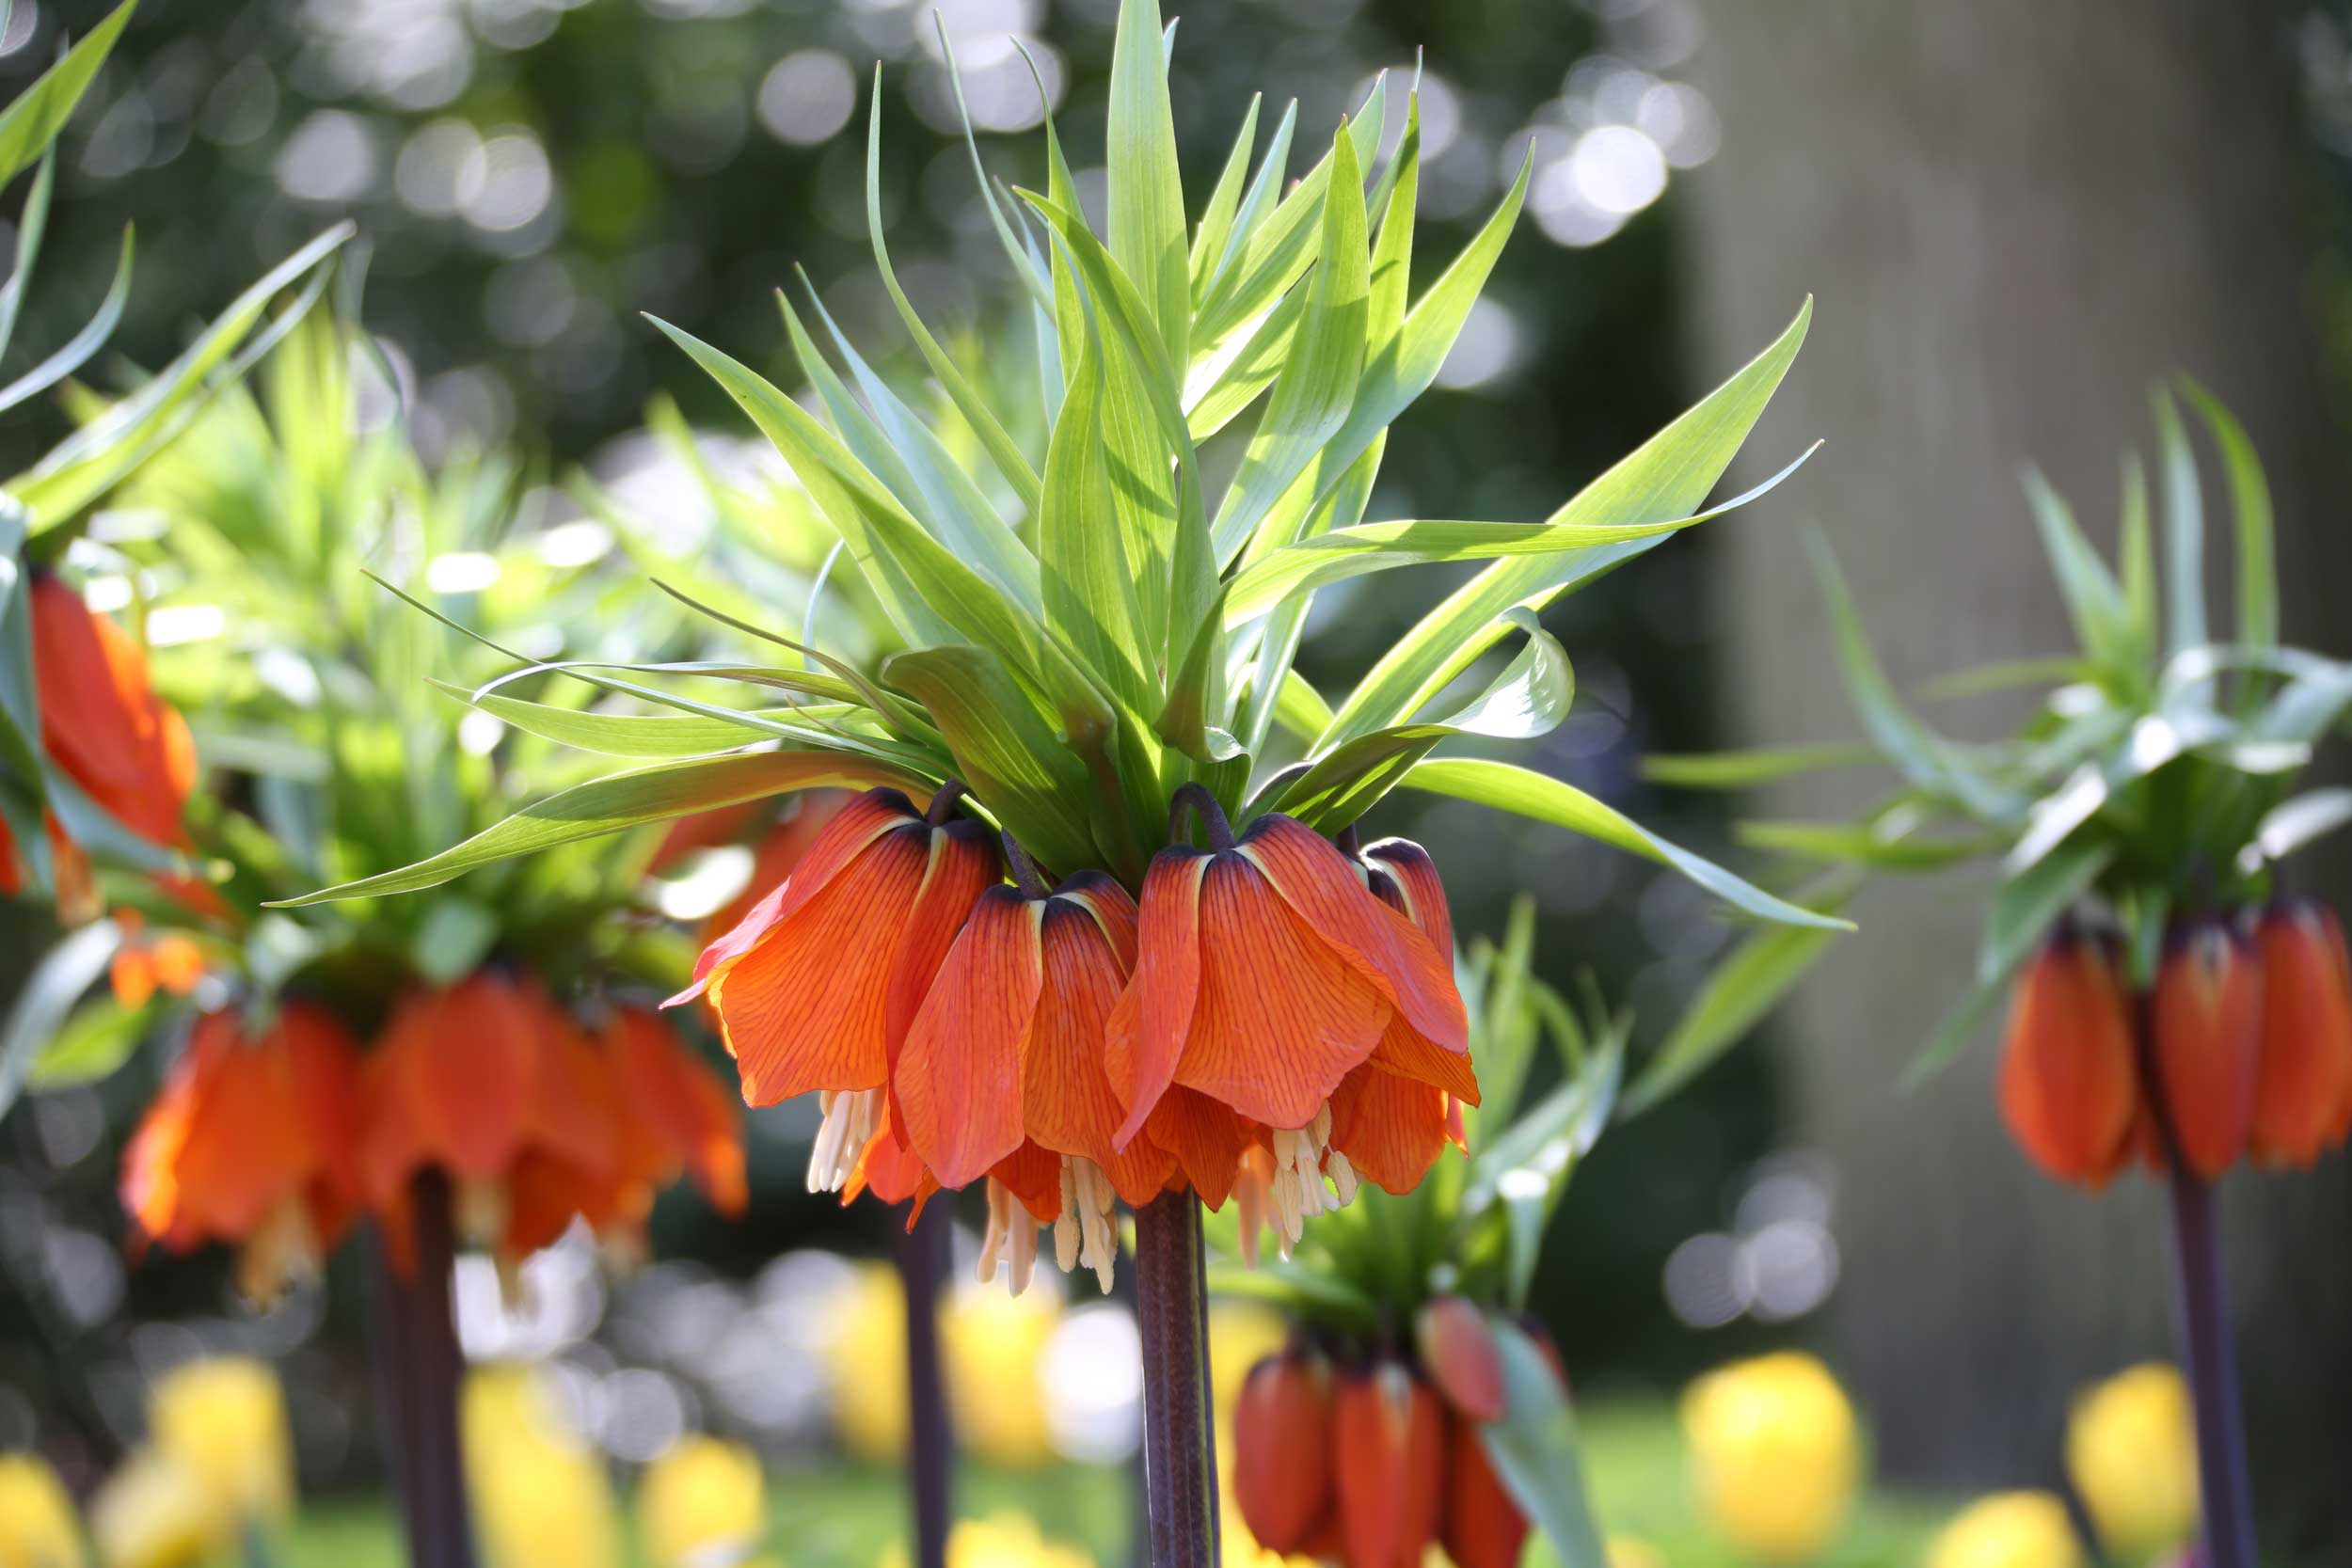 Fritillaria imperialis time to plant pineapple lilies longfield fritillaria imperialis longfield gardens izmirmasajfo